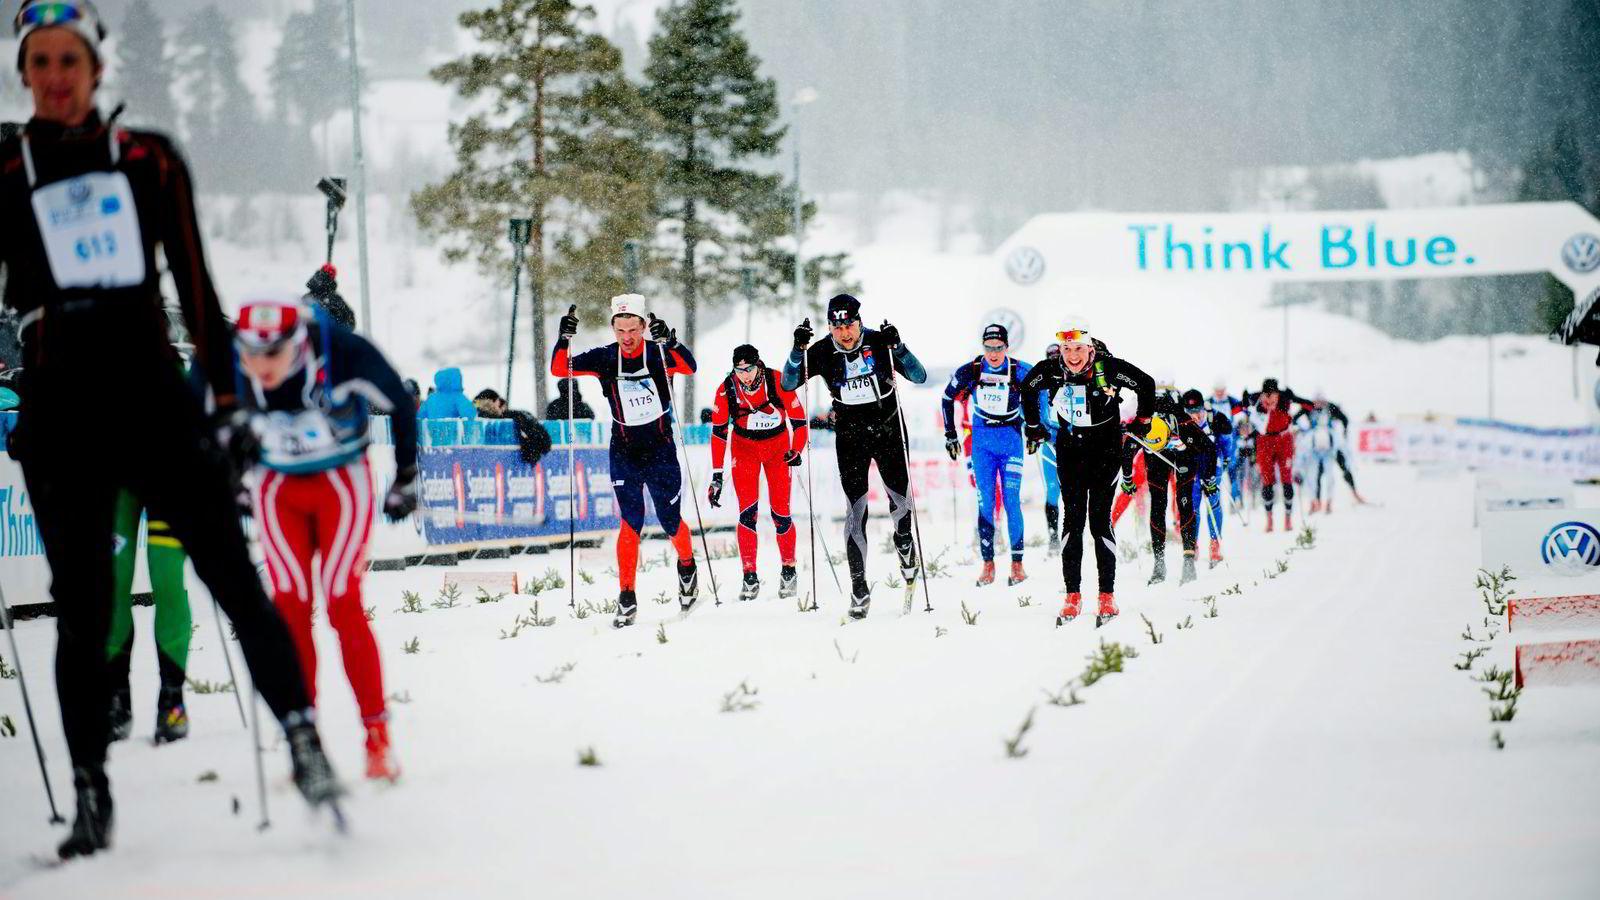 Med systematisk trening fra 30-års alder er det fullt mulig å sette personlige rekorder til man er både 40 og 50 år, mener fagansvarlig ved Olympiatoppen, Espen Tønnesen.